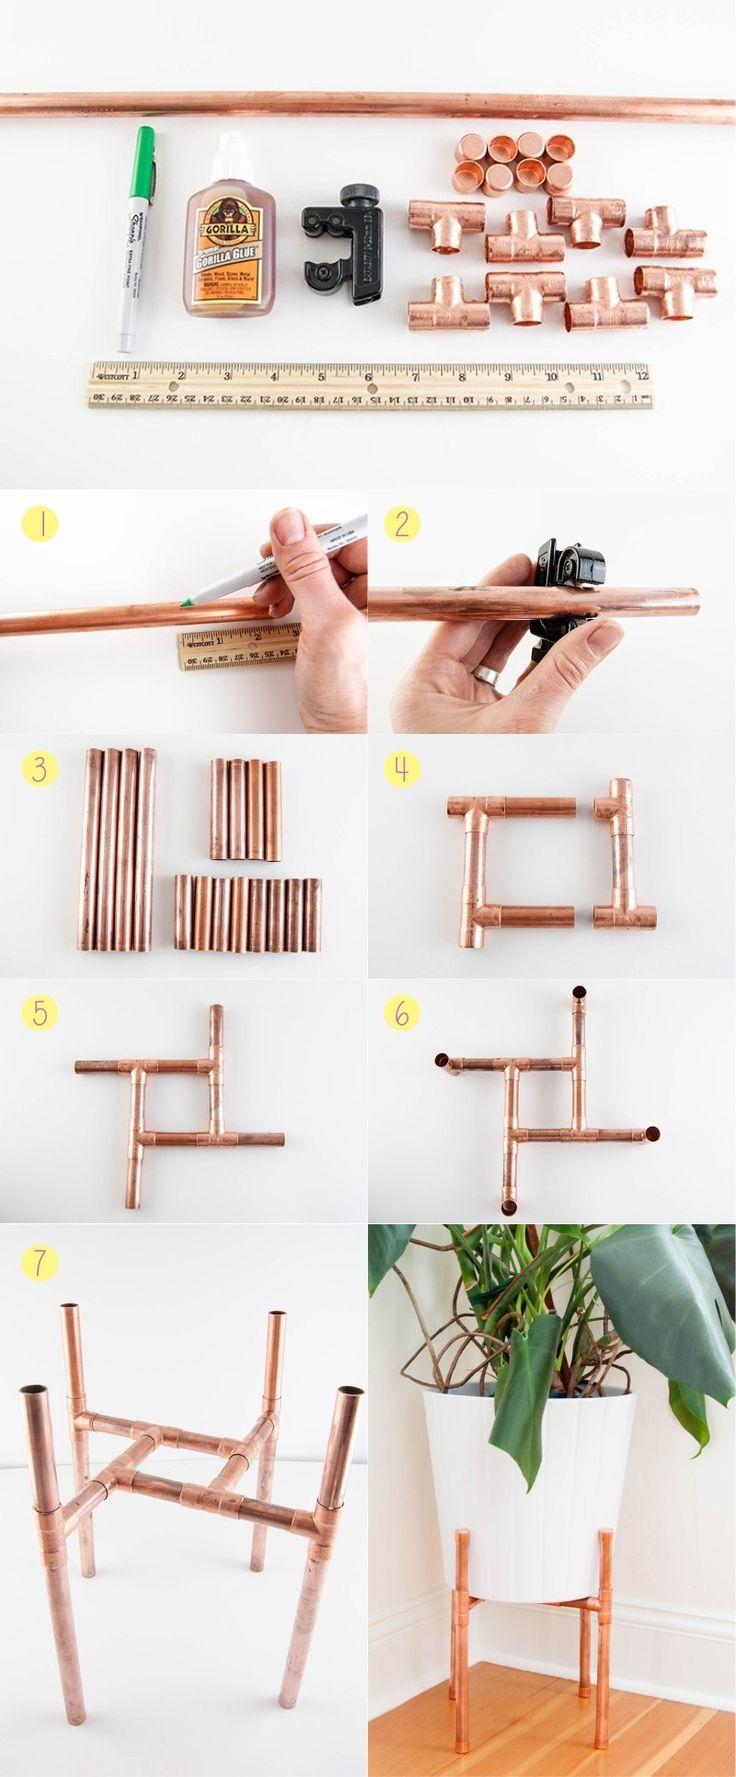 3 DIY usando canos de cobre - Base vaso - Bangalô da Tati